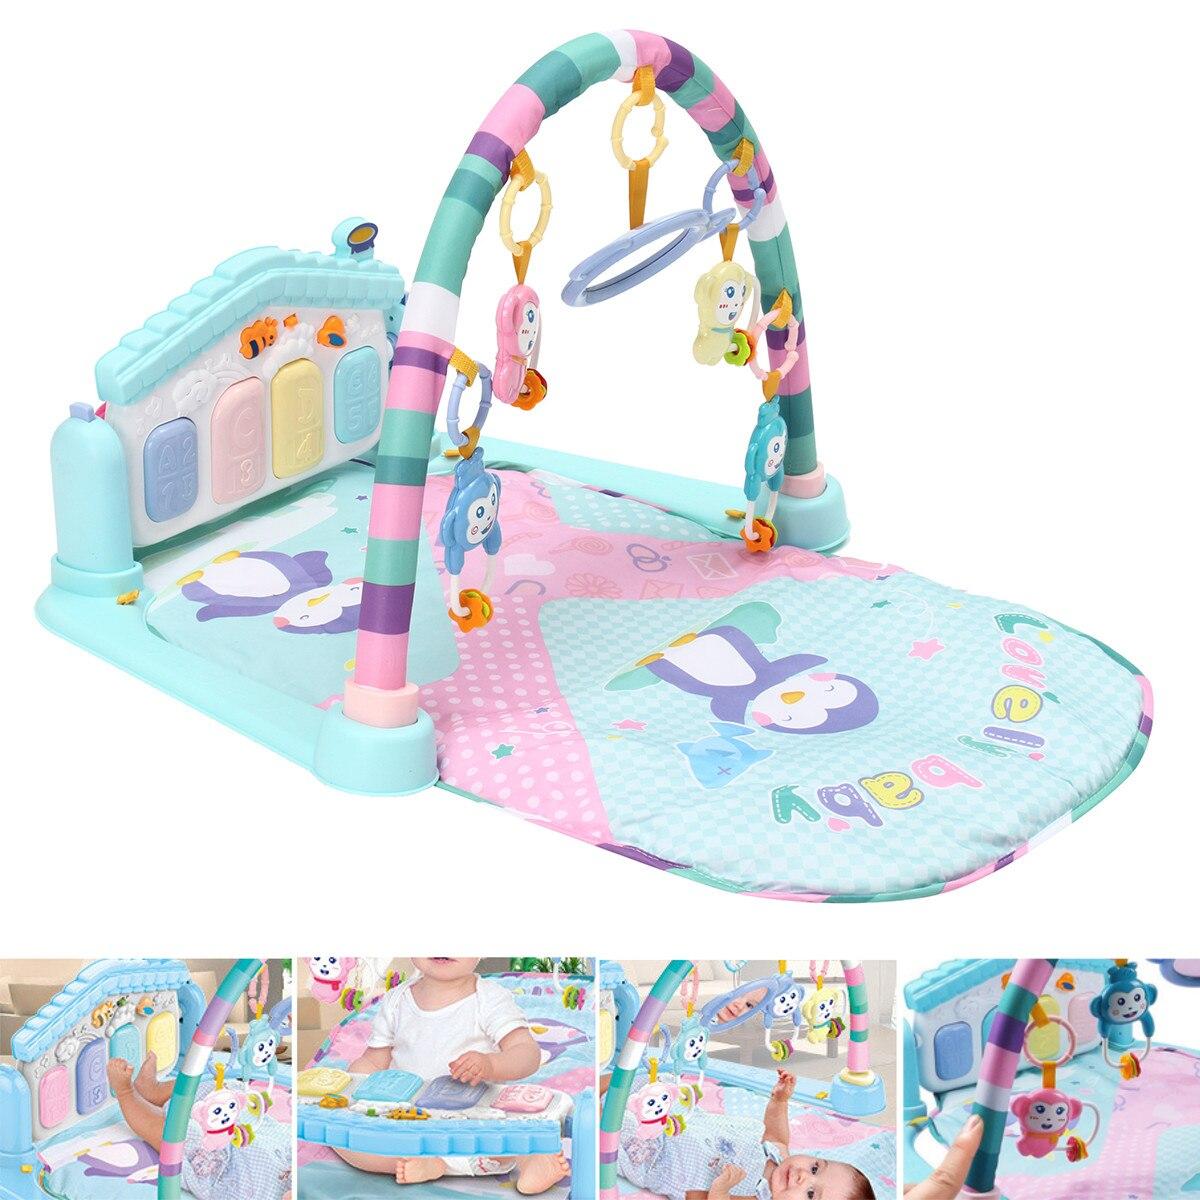 Nouveau-né tapis de jeu tapis éducatif Puzzle tapis avec clavier de Piano mignon Animal tapis de jeu bébé Gym ramper activité coup de pied tapis jouets